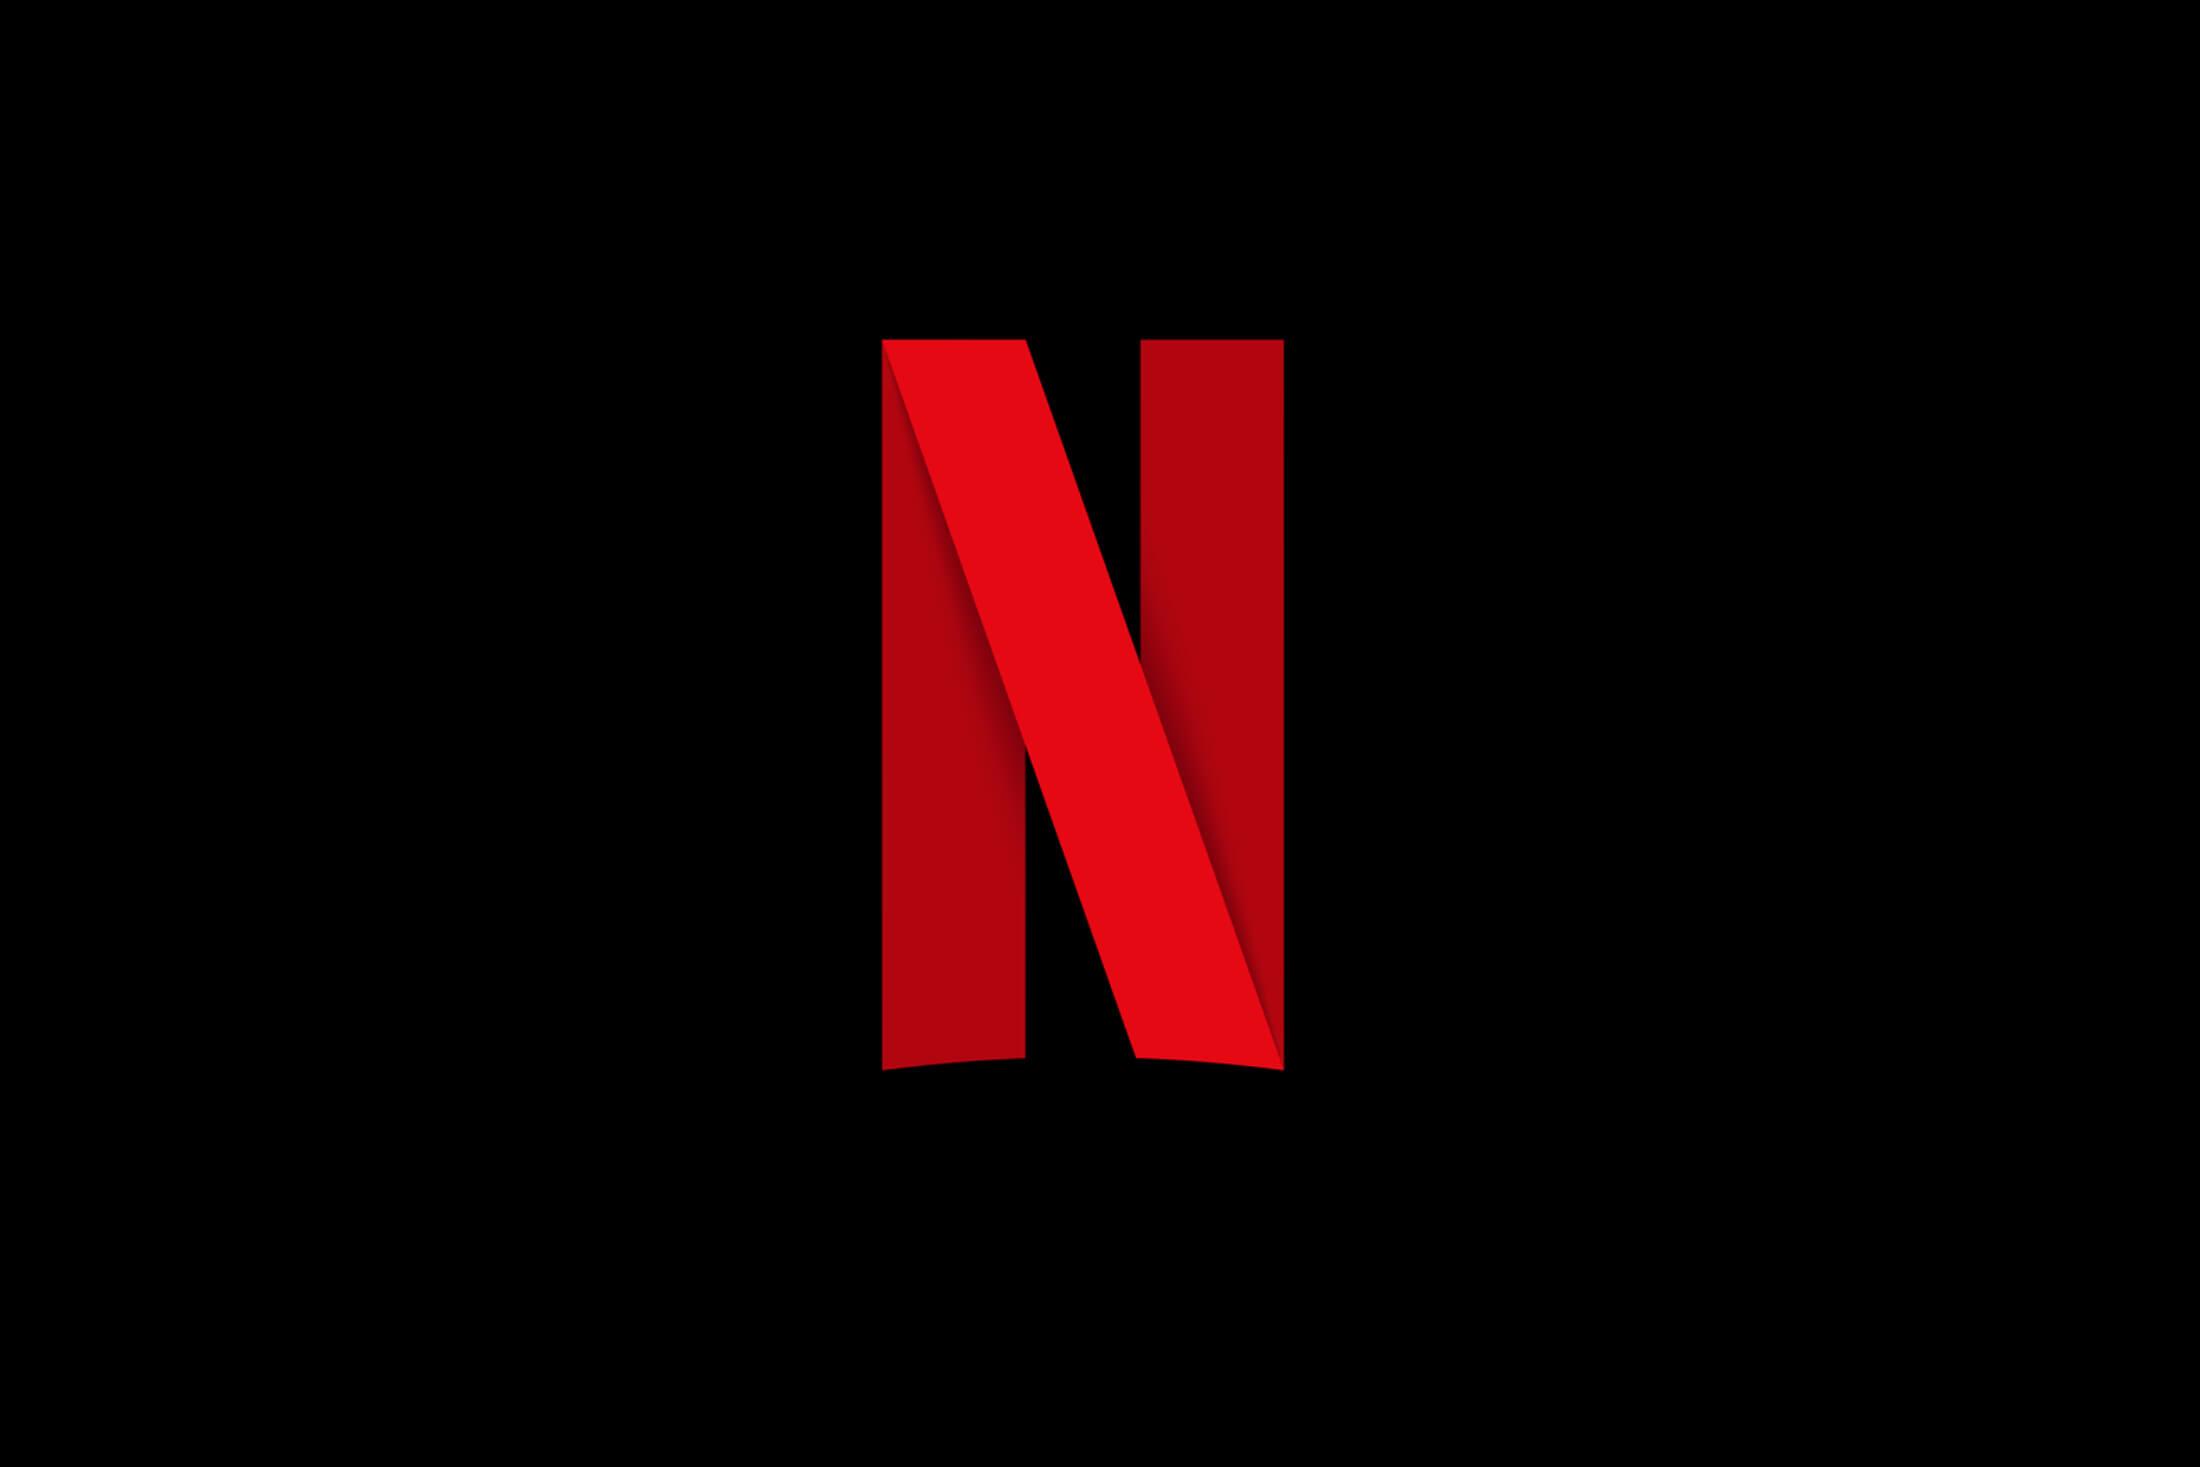 приложение netflix (логотип)